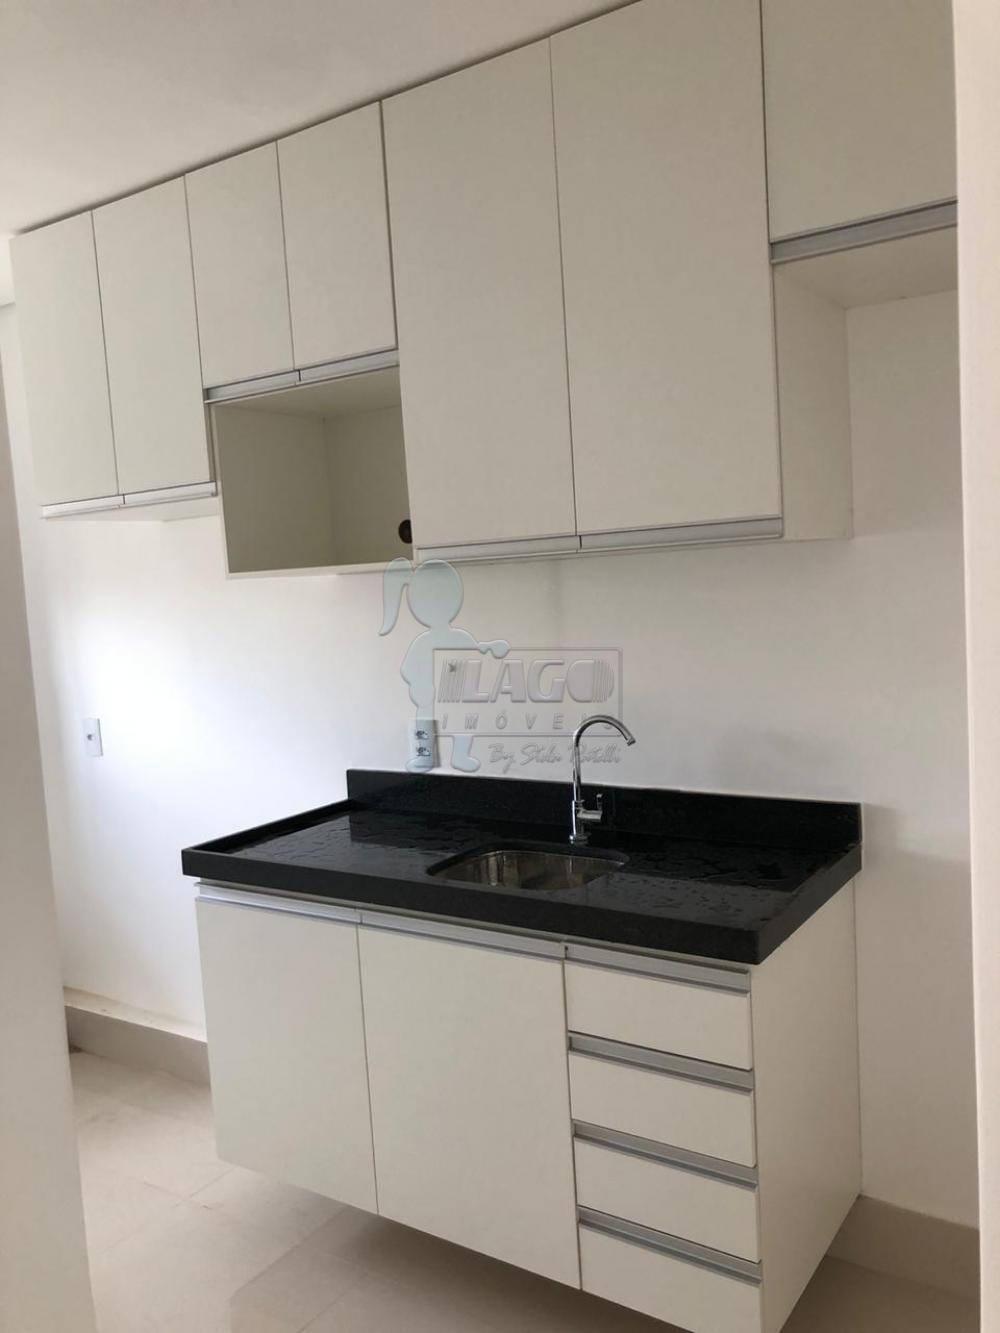 Comprar Apartamento / Padrão em Ribeirão Preto apenas R$ 542.000,00 - Foto 24